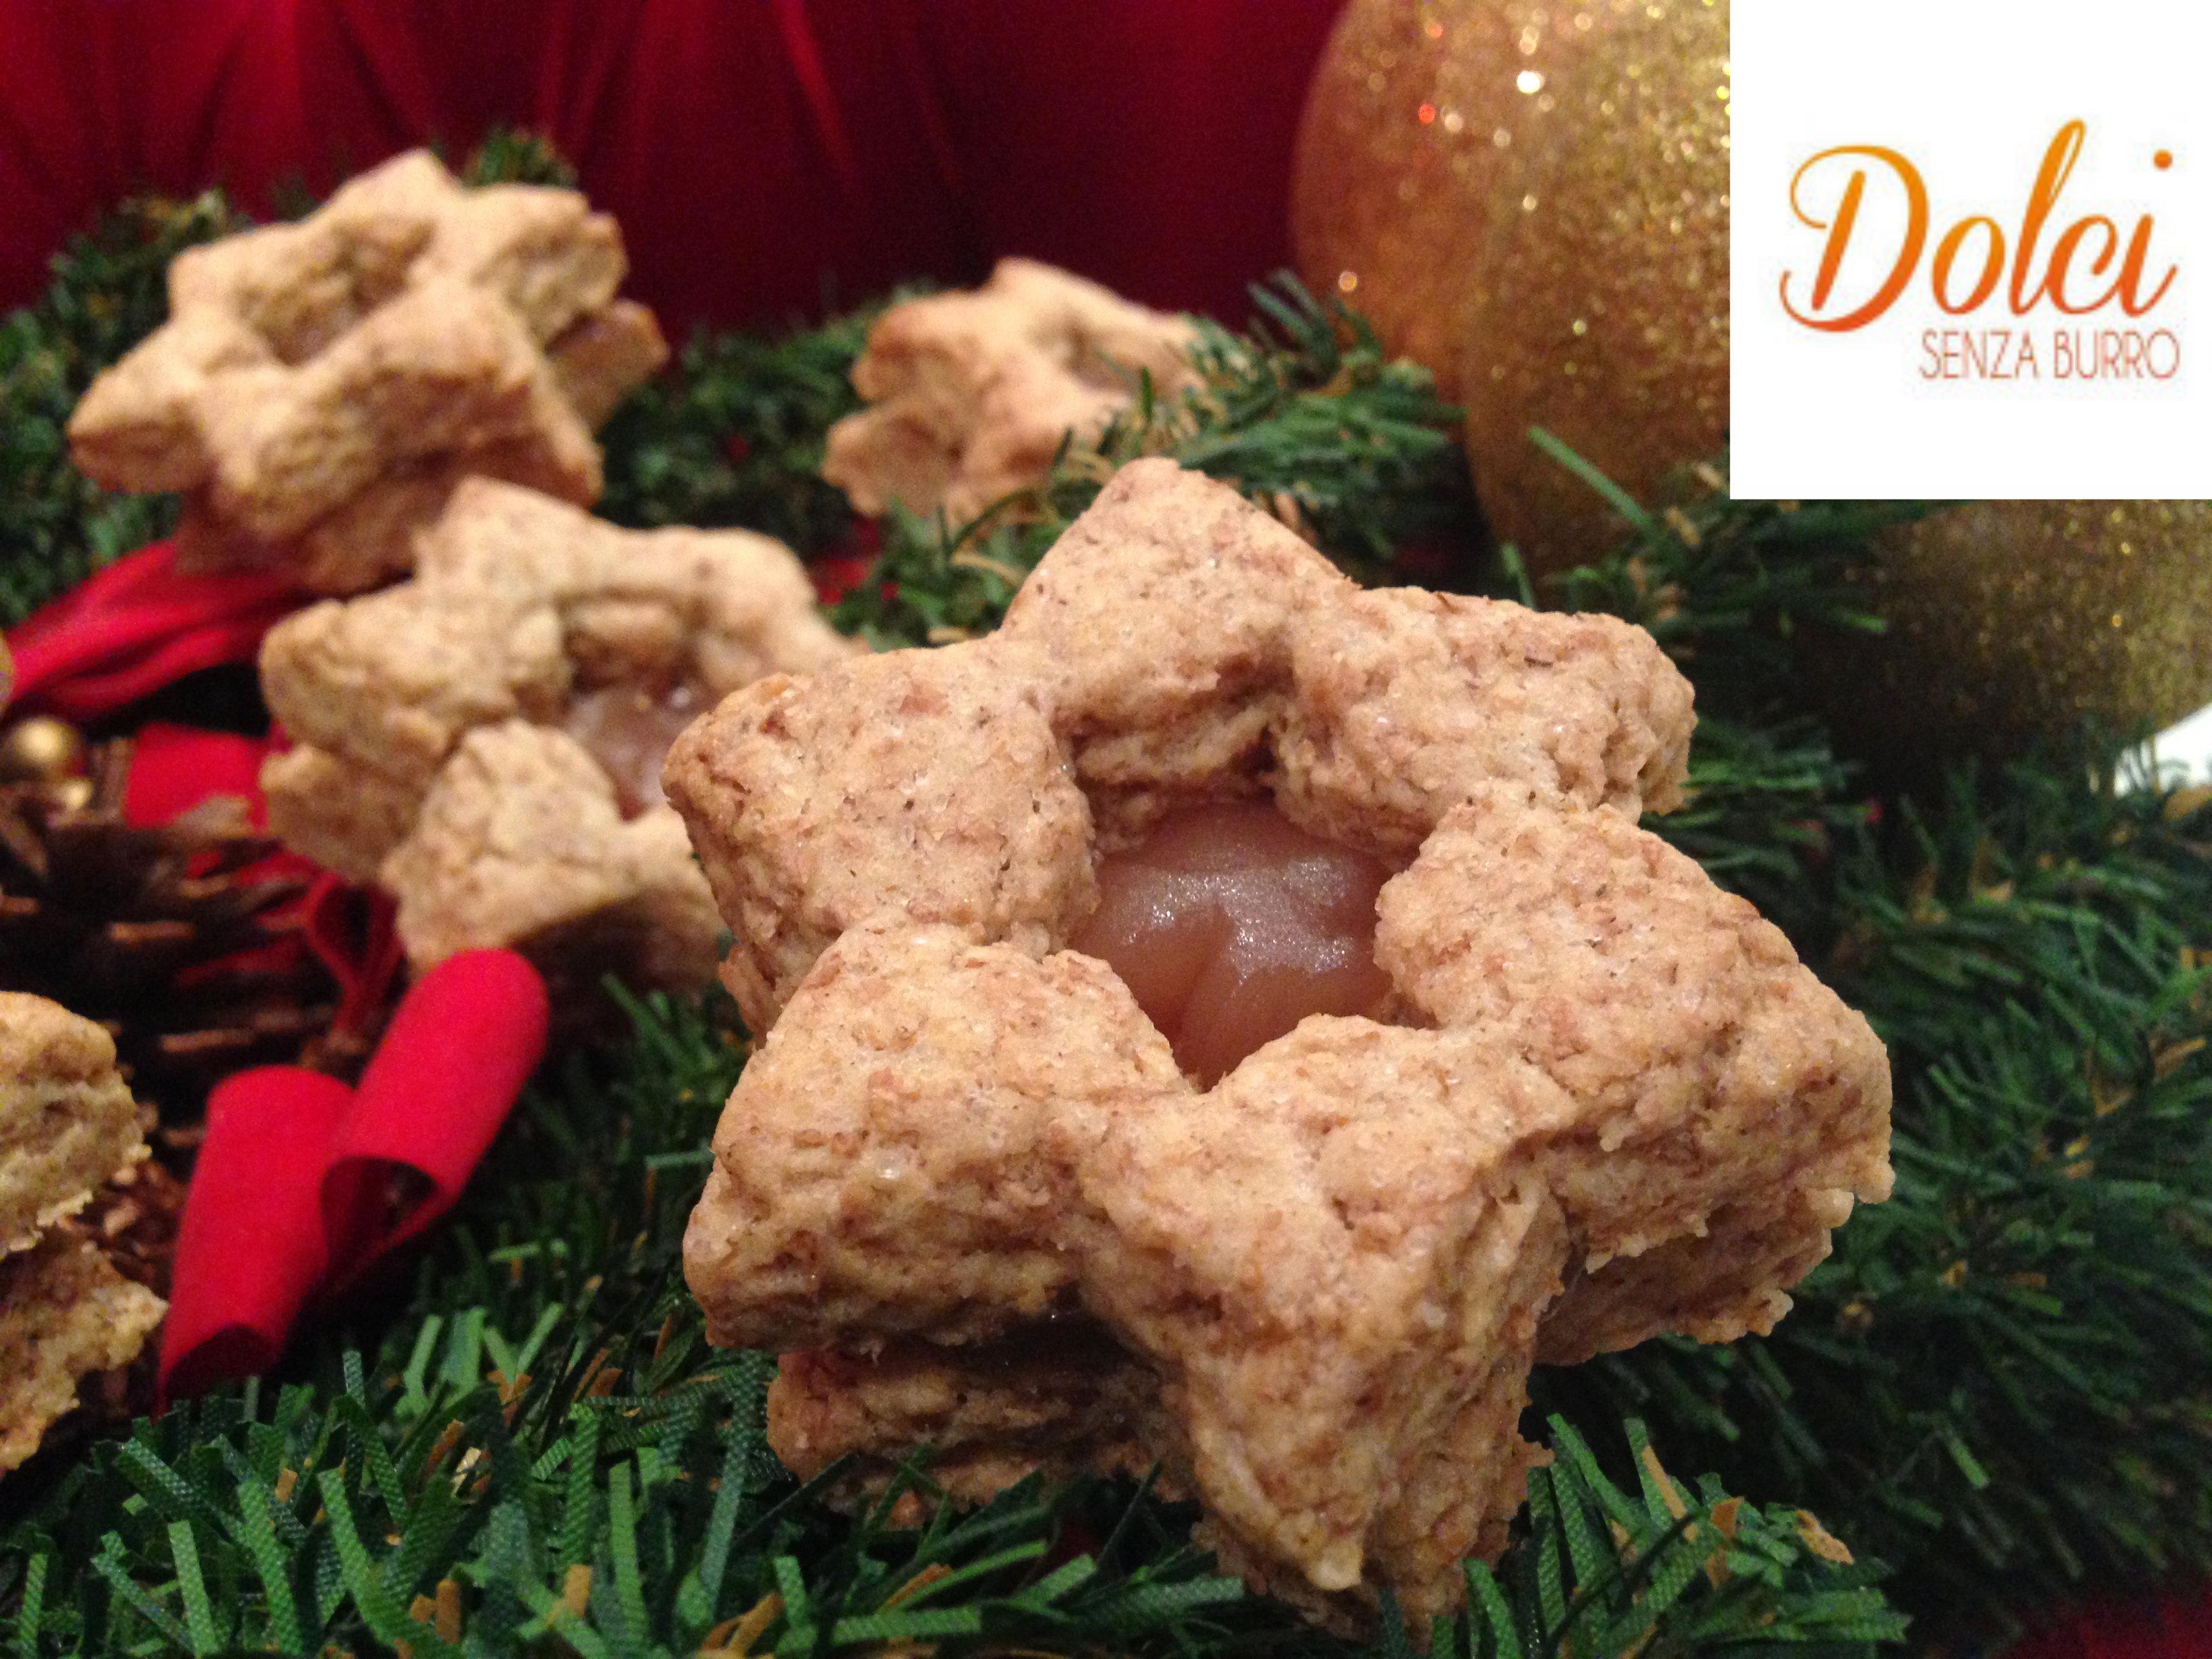 Biscotti Integrali Senza Burro, il dolce senza lattosio di Dolci Senza Burro